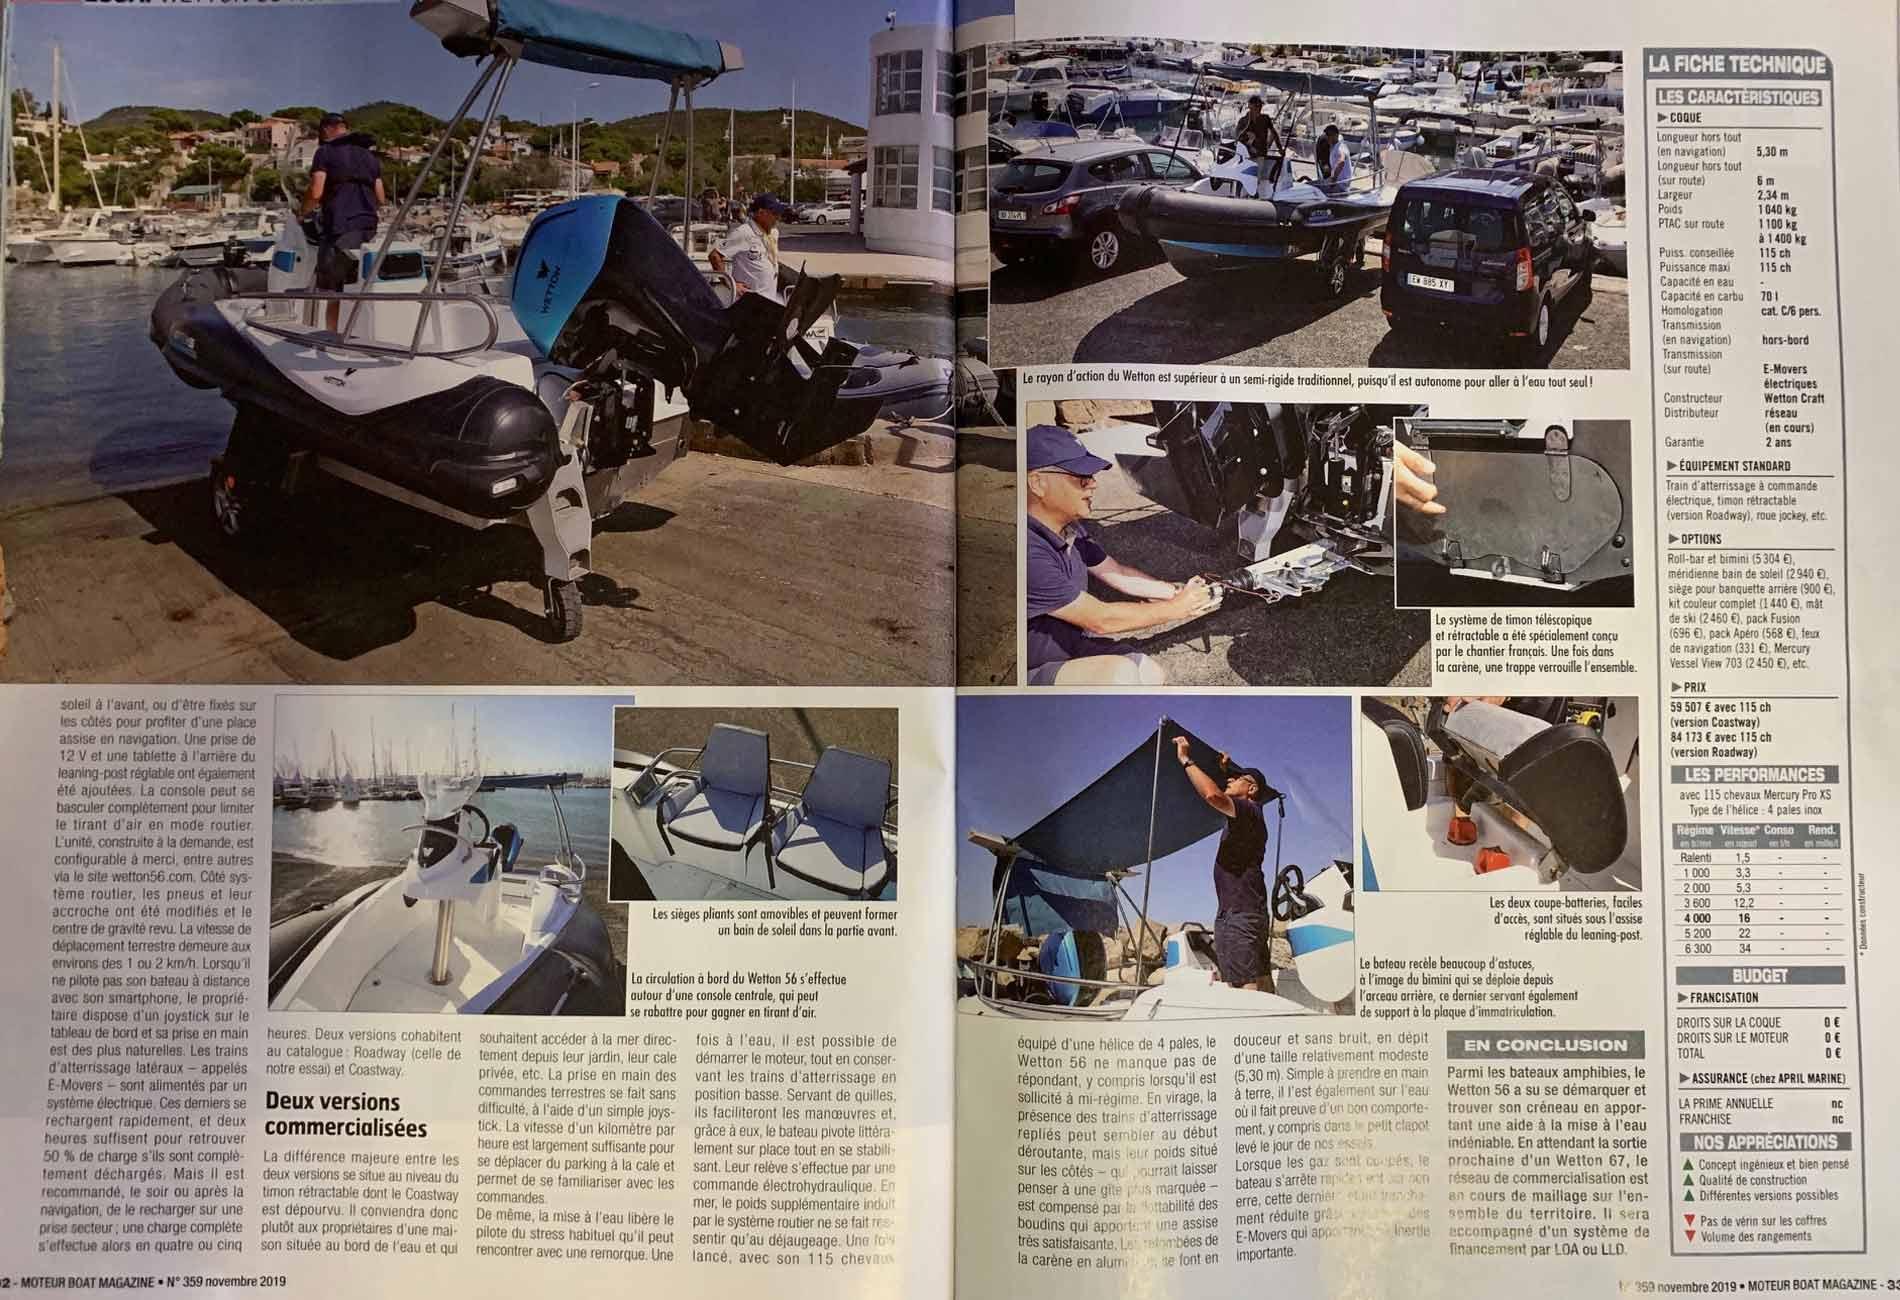 presse nautique-wettoon56-architecte naval-vincent lebailly